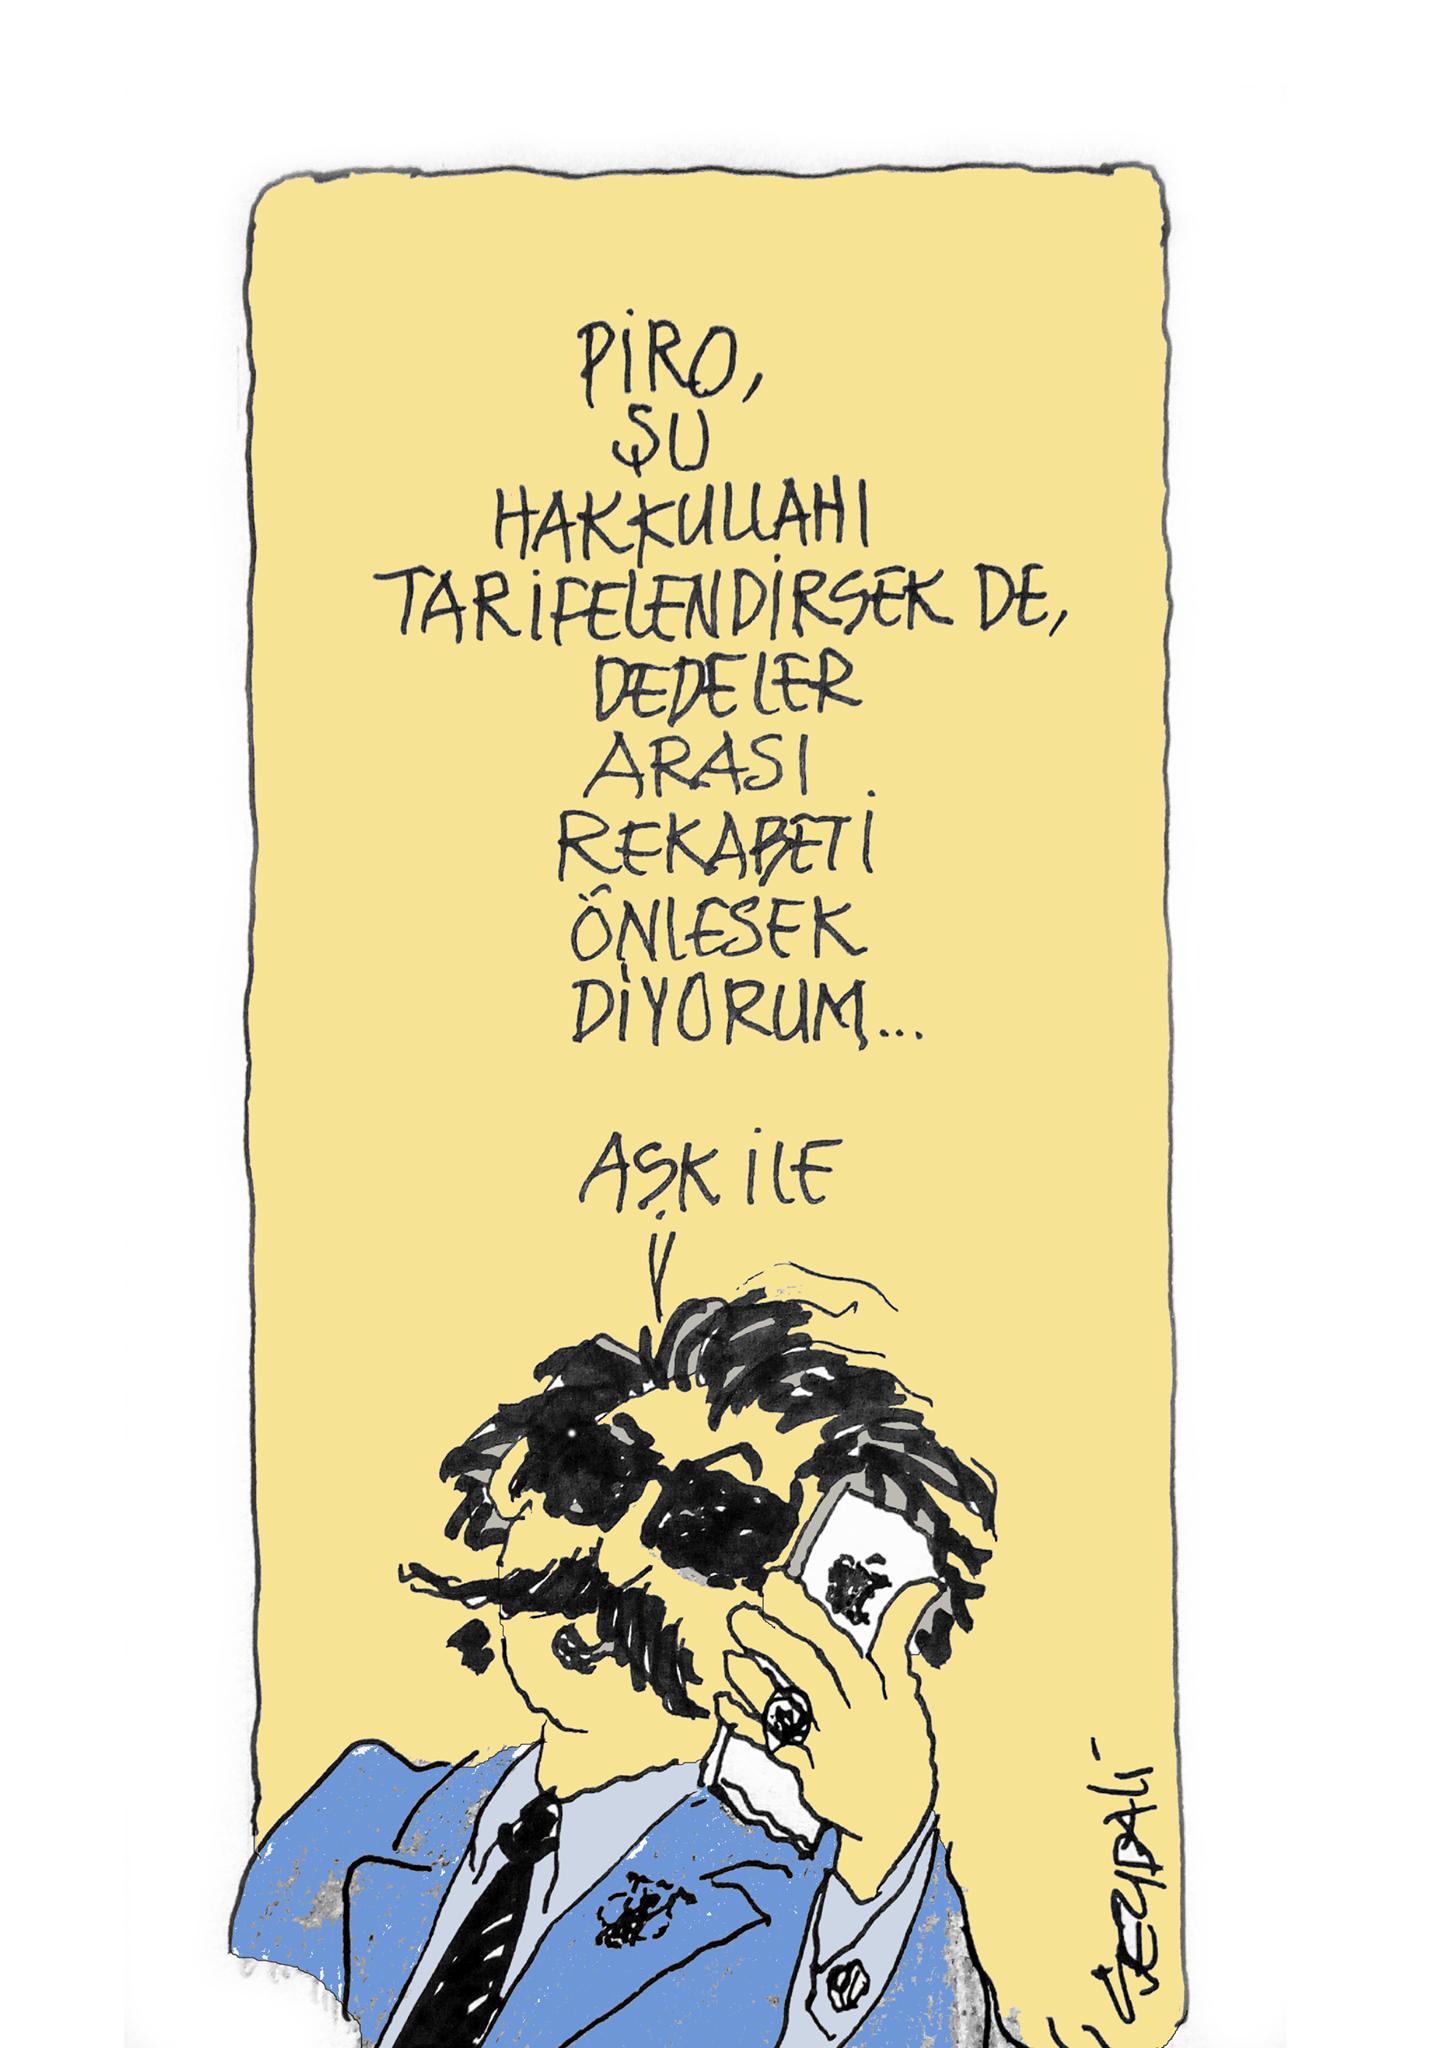 dedeler-arasi-rekabet.png